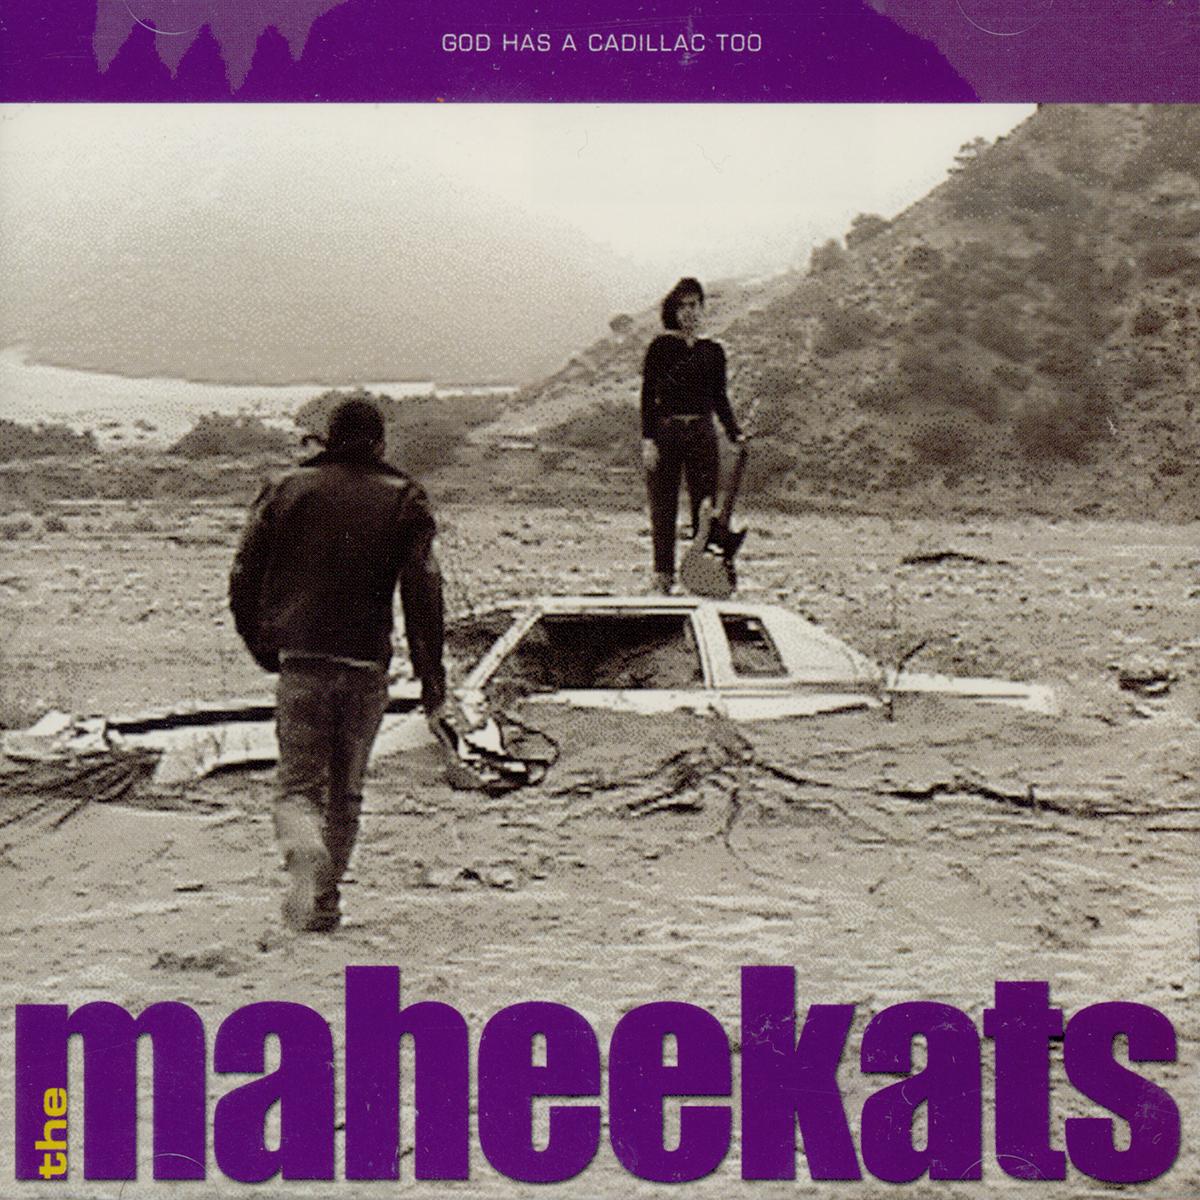 God Has a Cadillac Too CD - Maheekats (DEAD)